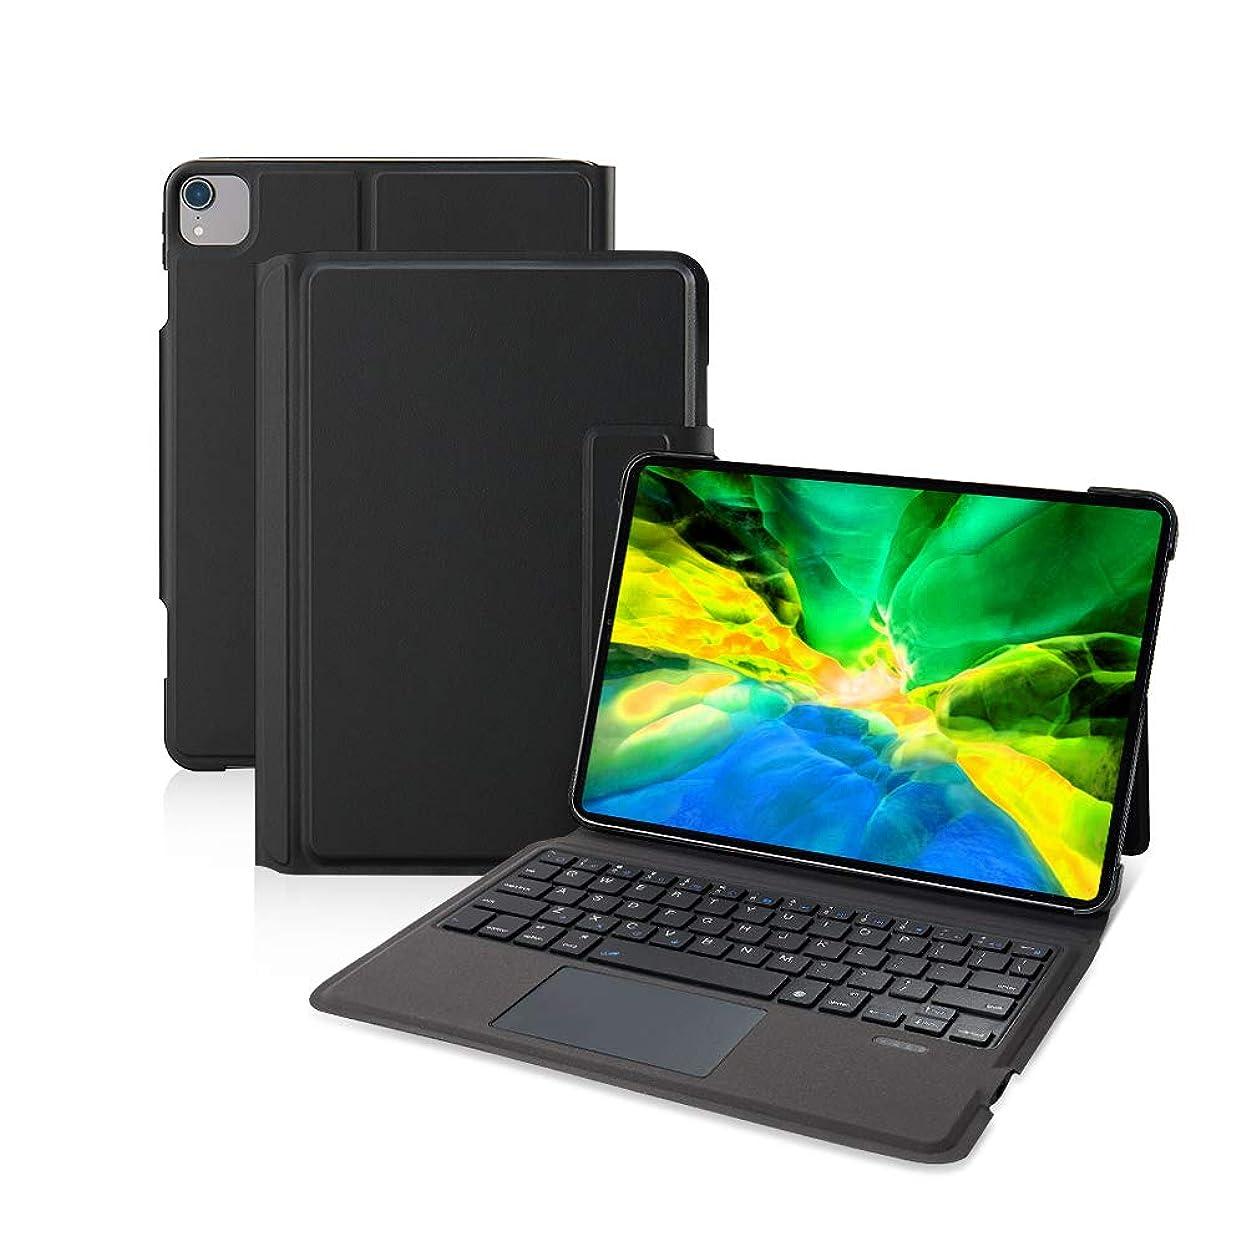 エンゲージメント秀でる群がる【iPad Pro 11インチ通用】Ewin? 新型 iPad キーボード付き ケース タッチパッド搭載 一体式Bluetoothキーボード 超薄型 ipad pro 11 第1世代/第2世代対応 保護カバー 日本語説明書付き (ブラック)